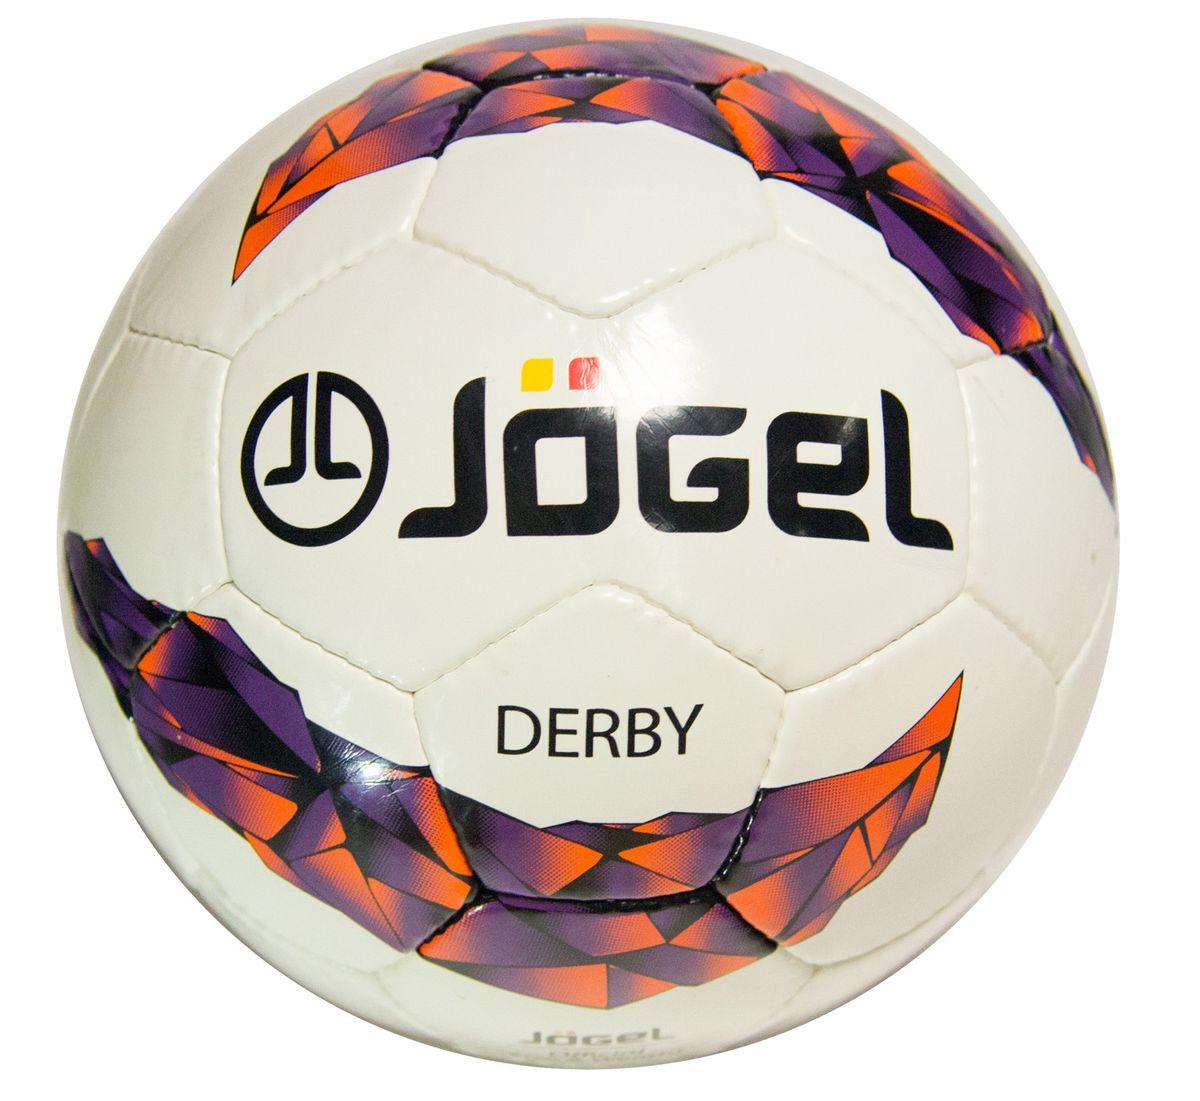 Мяч футбольный Jogel Derby, цвет: белый, сиреневый, оранжевый, черный. Размер 4. JS-500УТ-00009475Классический футбольный мяч Jogel с прочной покрышкой из синтетической кожи, сшитой вручную, имеющий прекрасные техническиехарактеристики, которые соответствуют всем требованиям тренировочного процесса. В нем предусмотрено 4 подкладочных слоя из смесихлопка с полиэстером.Мяч станет отличным выбором для тренировок и проведения любительских матчей.Вес: 350-390 гр. Длина окружности: 63,5-66 см Рекомендованное давление: 0.6-0.8 бар.УВАЖАЕМЫЕ КЛИЕНТЫ!Обращаем ваше внимание на тот факт, что мяч поставляется в сдутом виде. Насос в комплект не входит.